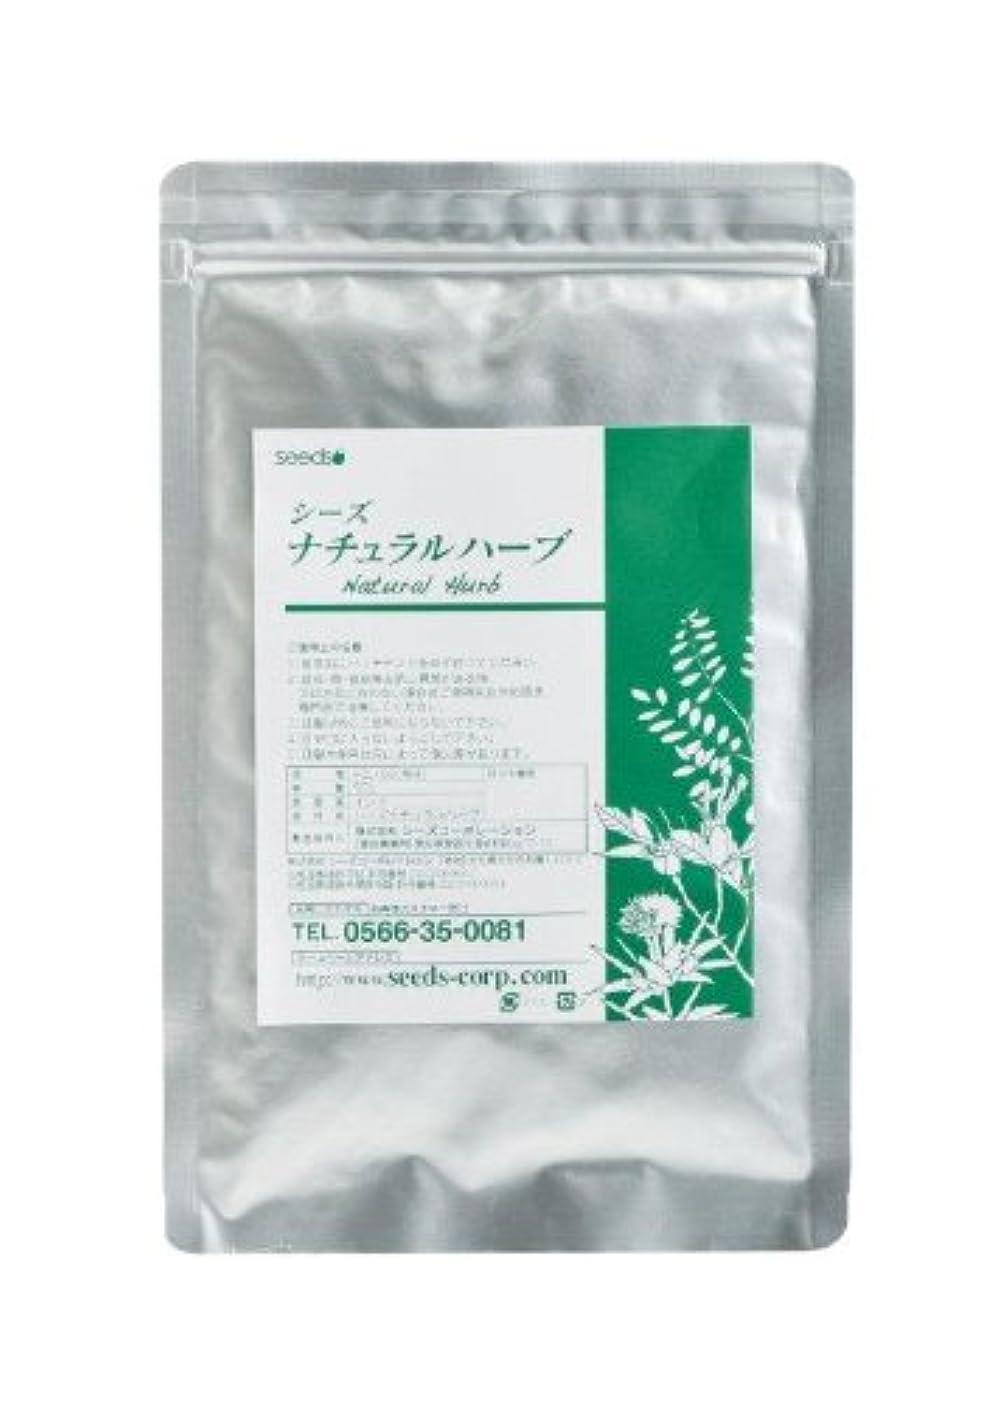 親愛な信念未来Seeds ナチュラルハーブカラー ライトブラウン 50g(明るい茶色系)ヘナと5種類の高級ハーブをブレンドした白髪染めです。